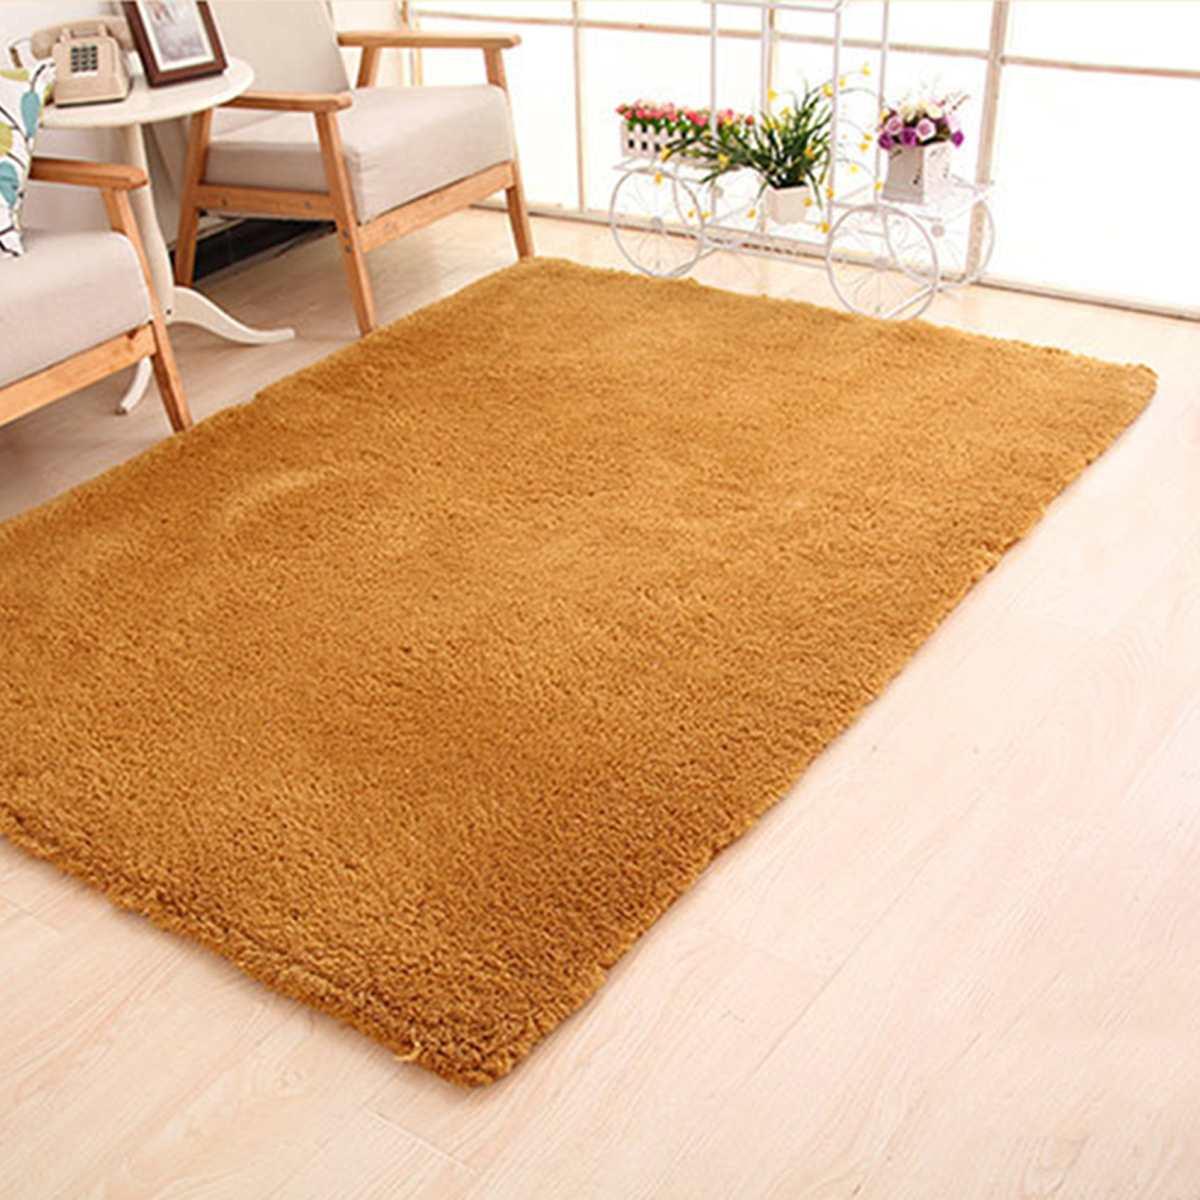 Doux moelleux Shaggy salon tapis chambre salle de bain anti-dérapant tapis canapé sol tapis Pad zone tapis grand 160x200 cm décor à la maison